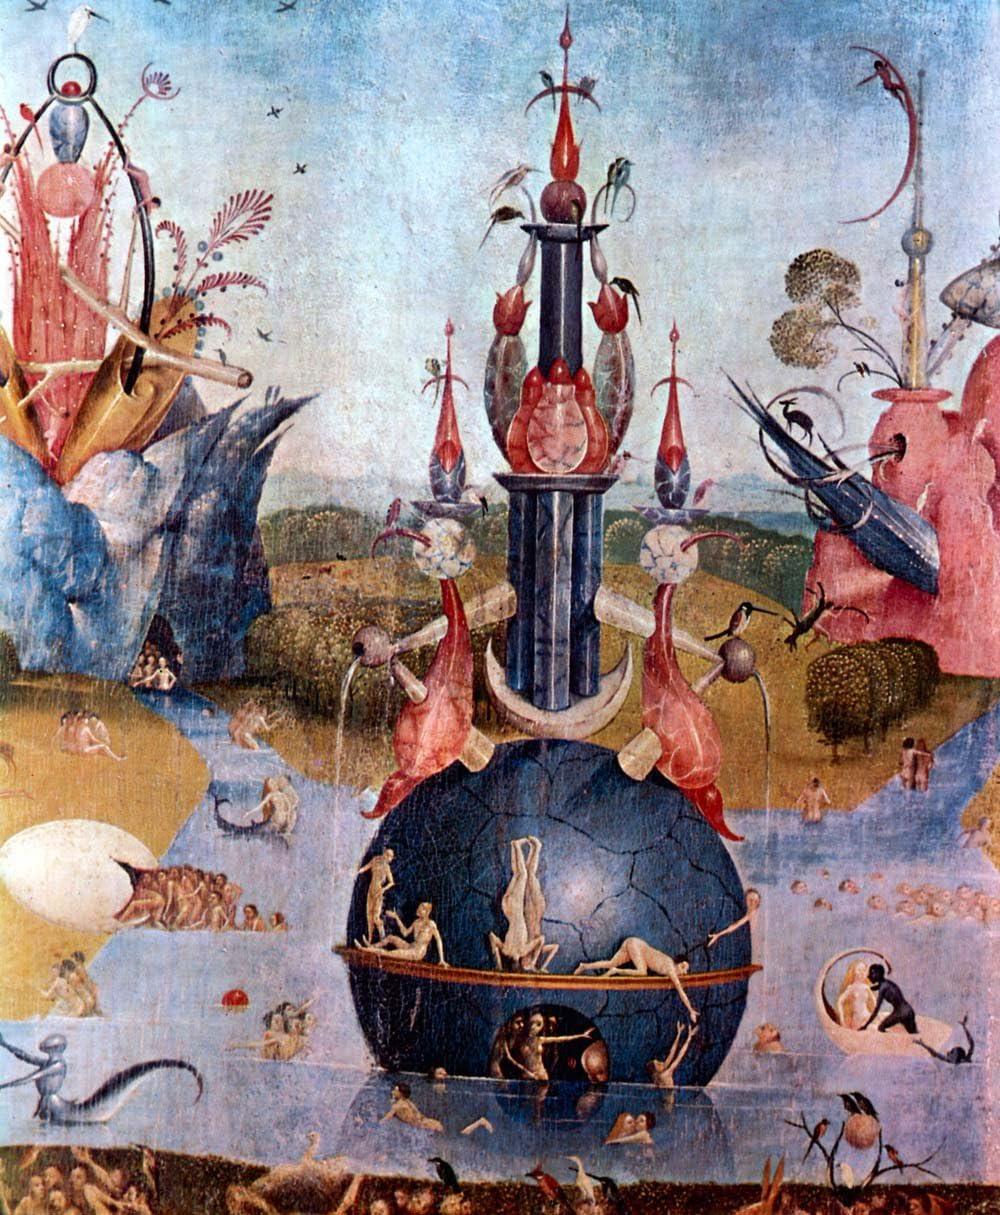 El Museo de salida – el jardín de las delicias, detalle [12] por Bosch – Póster (24 x 18 cm): Amazon.es: Hogar